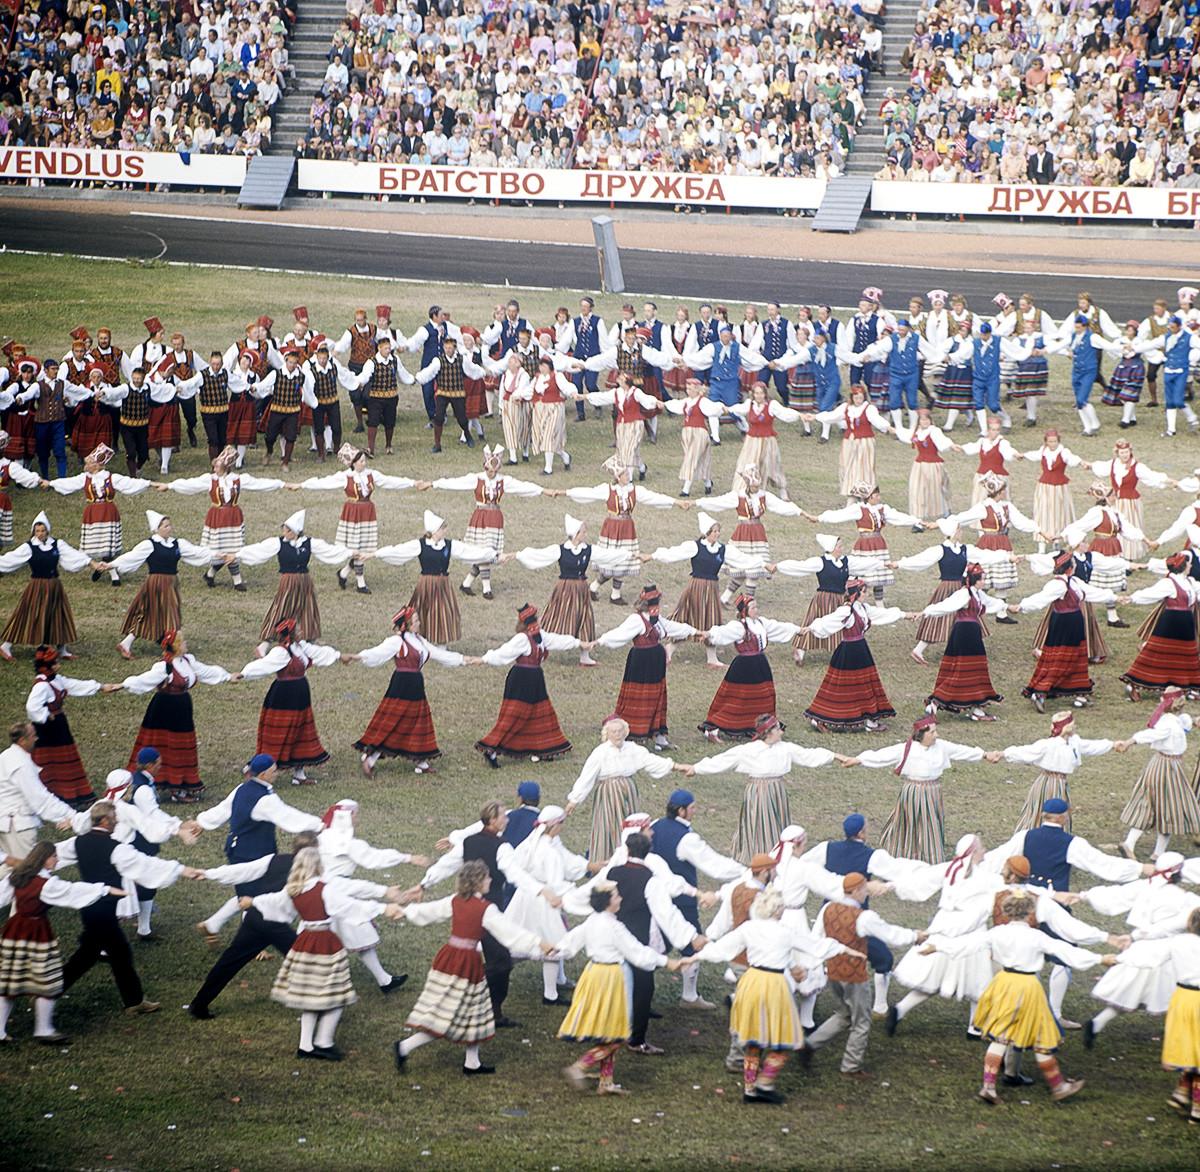 Republikanisches Lied- und Tanzfestival in Tallinn, 1976